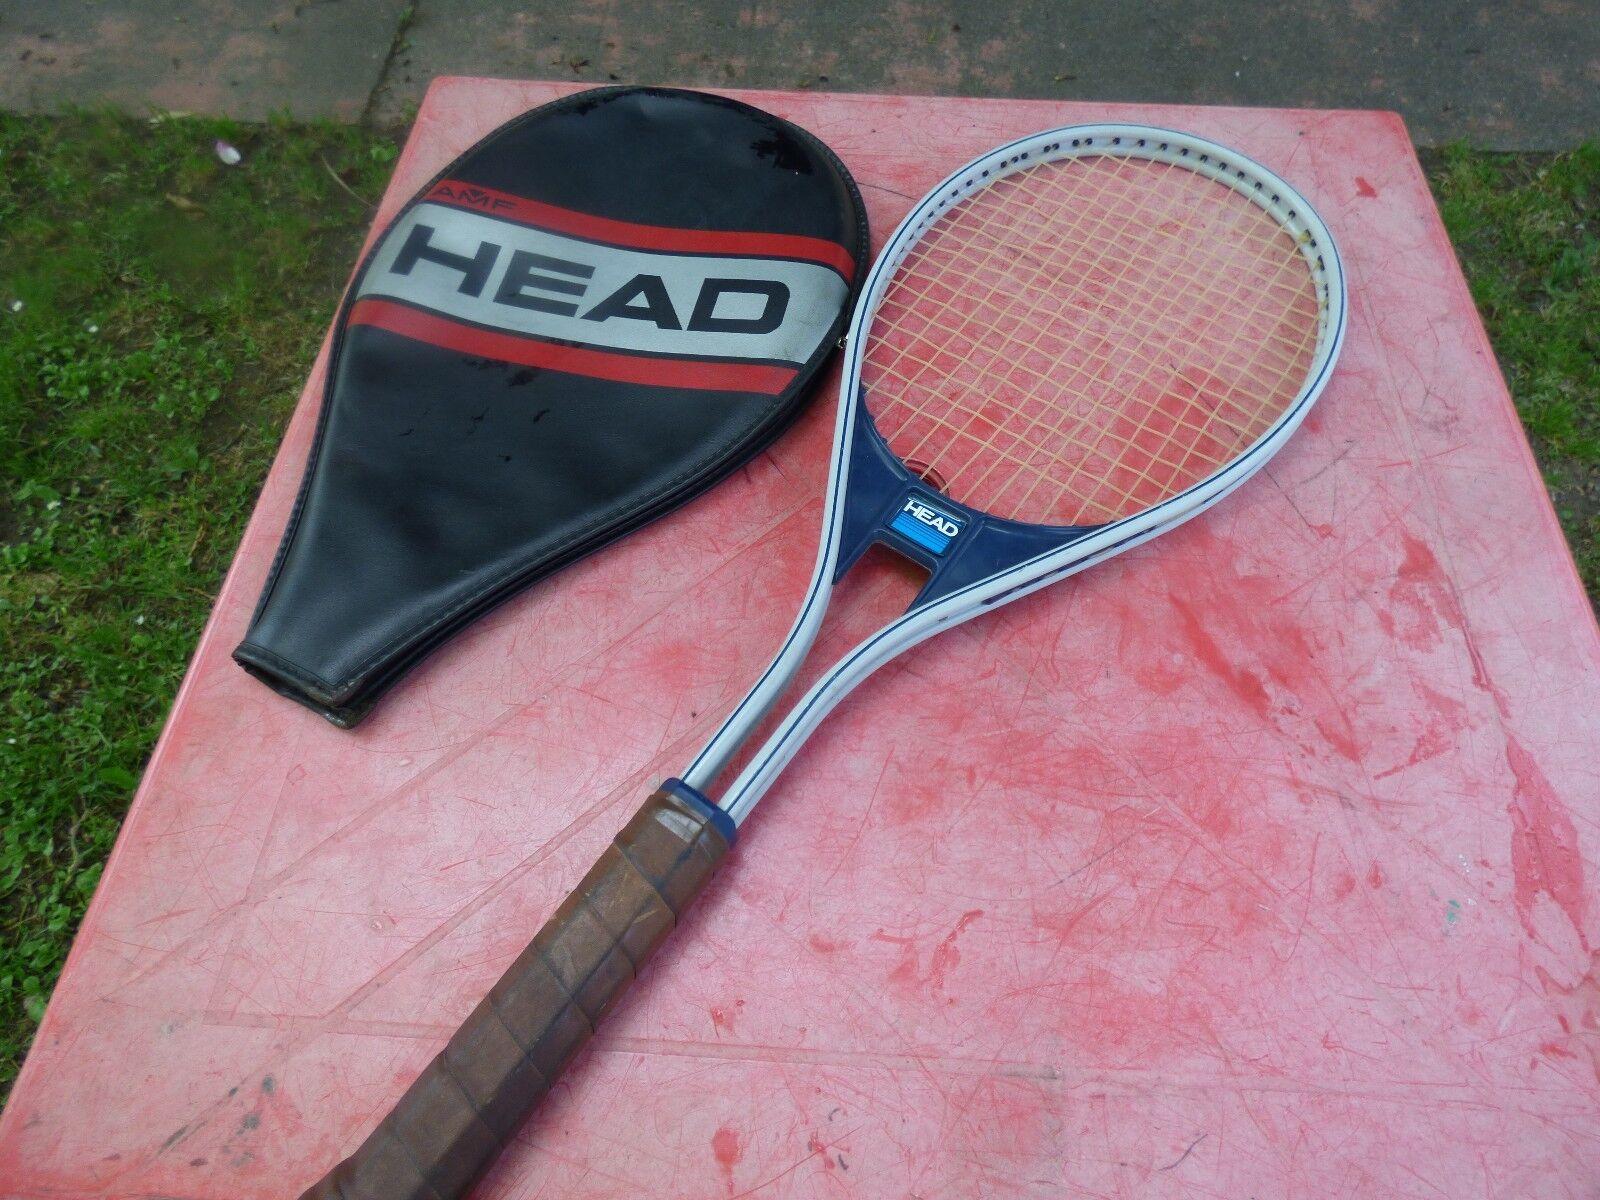 Tennisschläger vintage Head AMF Edge      Ausgezeichnet (in) Qualität    Langfristiger Ruf    Toy Story  f70ad7